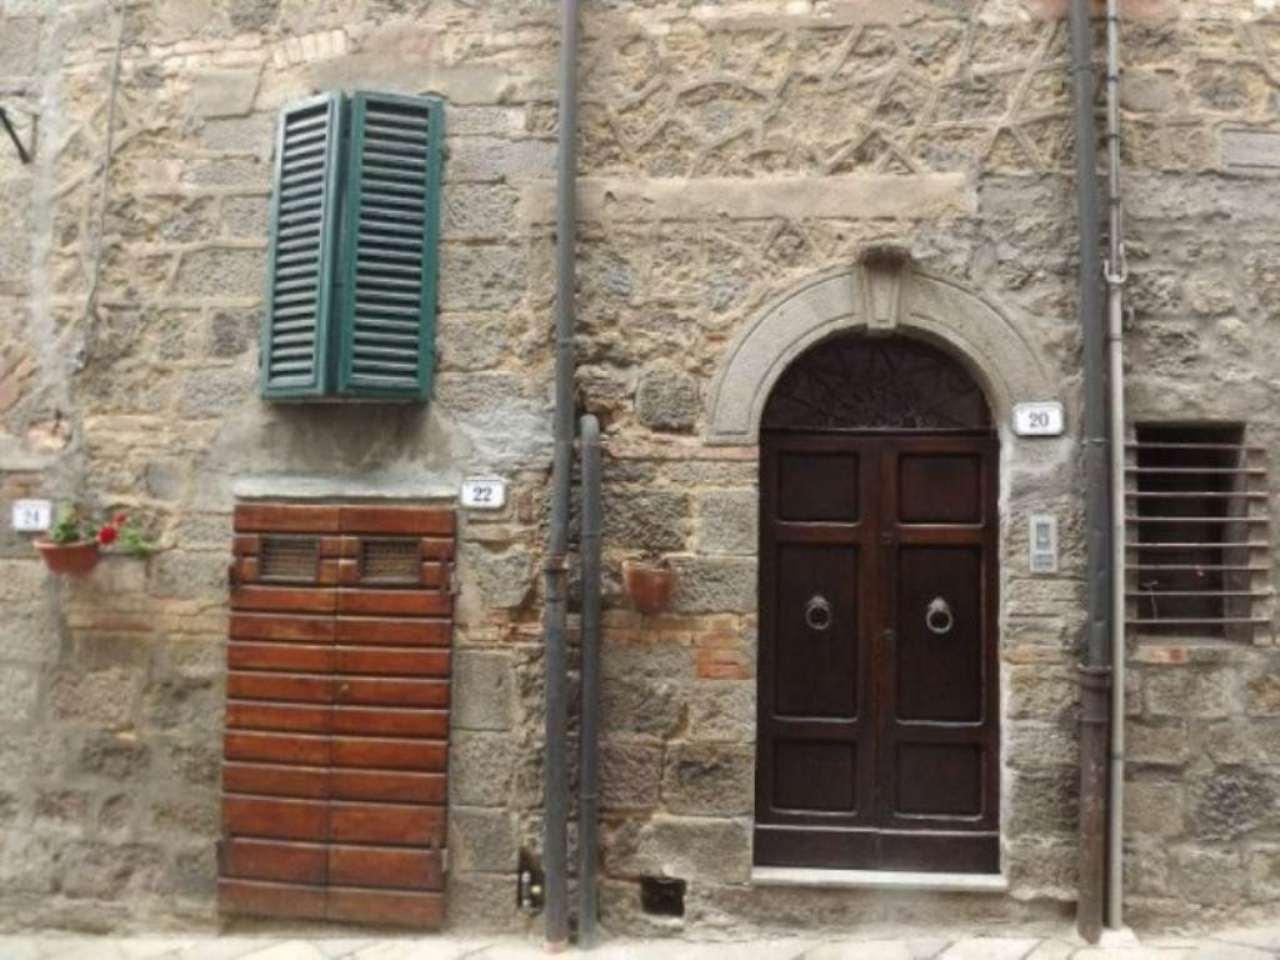 Appartamento in vendita a Piancastagnaio, 3 locali, prezzo € 35.000 | Cambio Casa.it